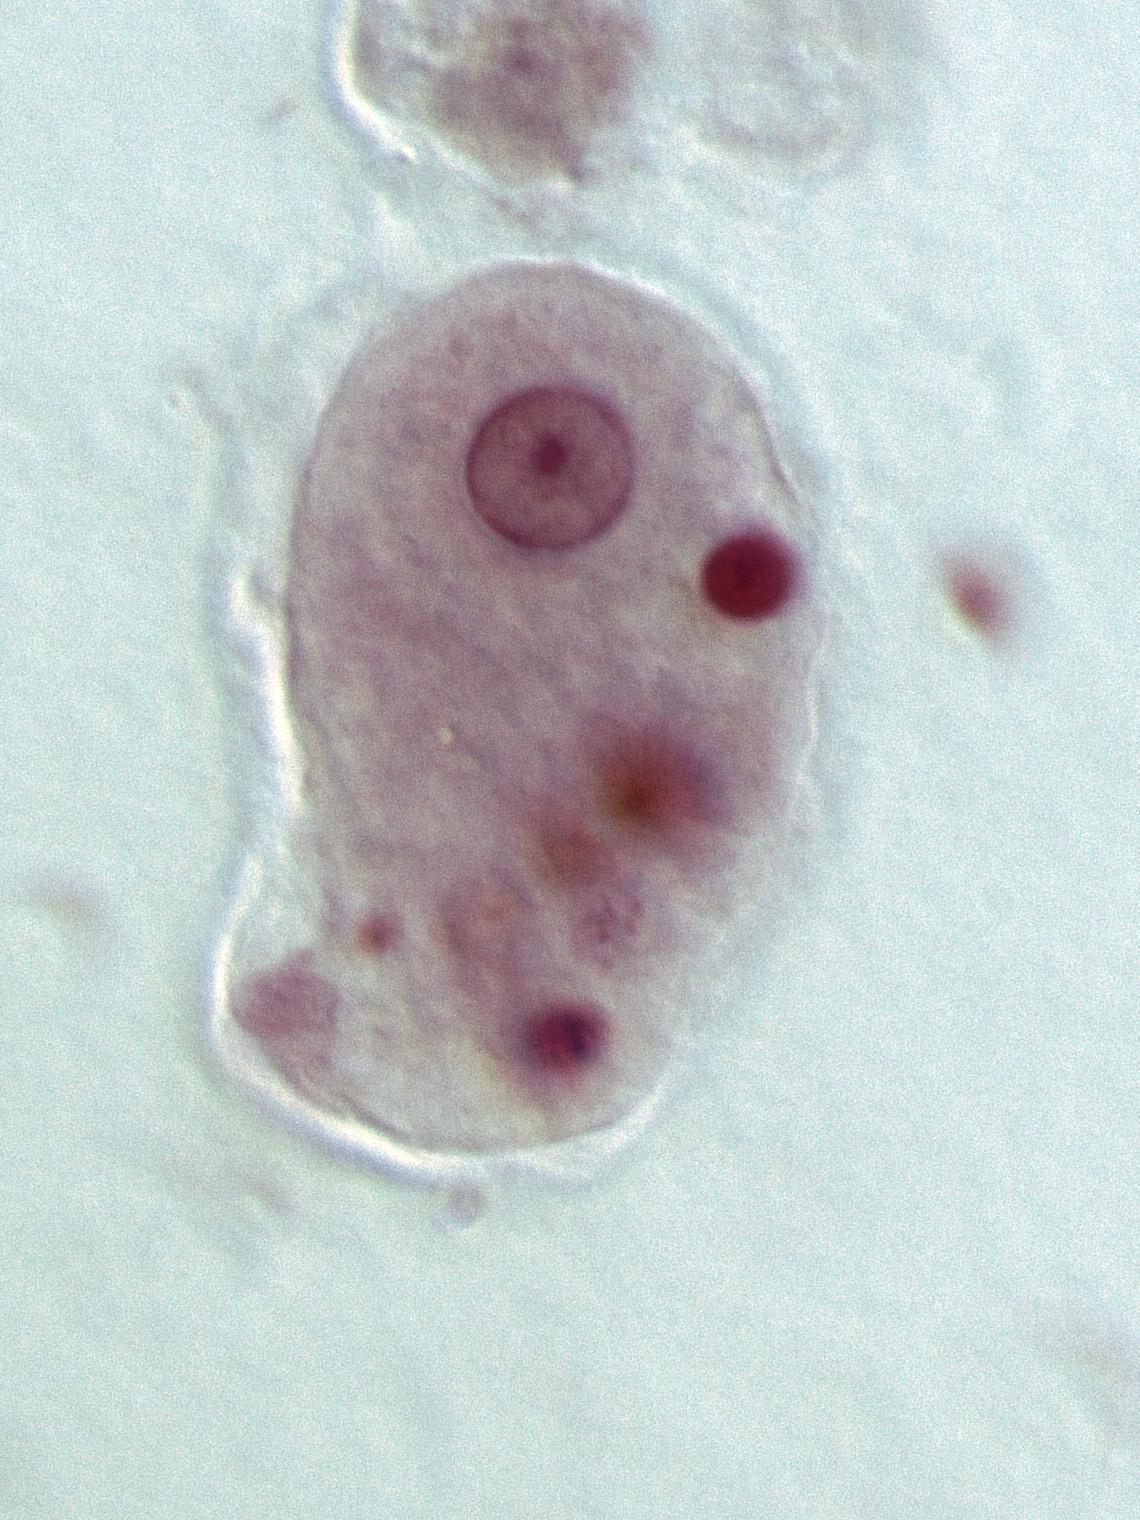 Entamoeba histolytica parasite